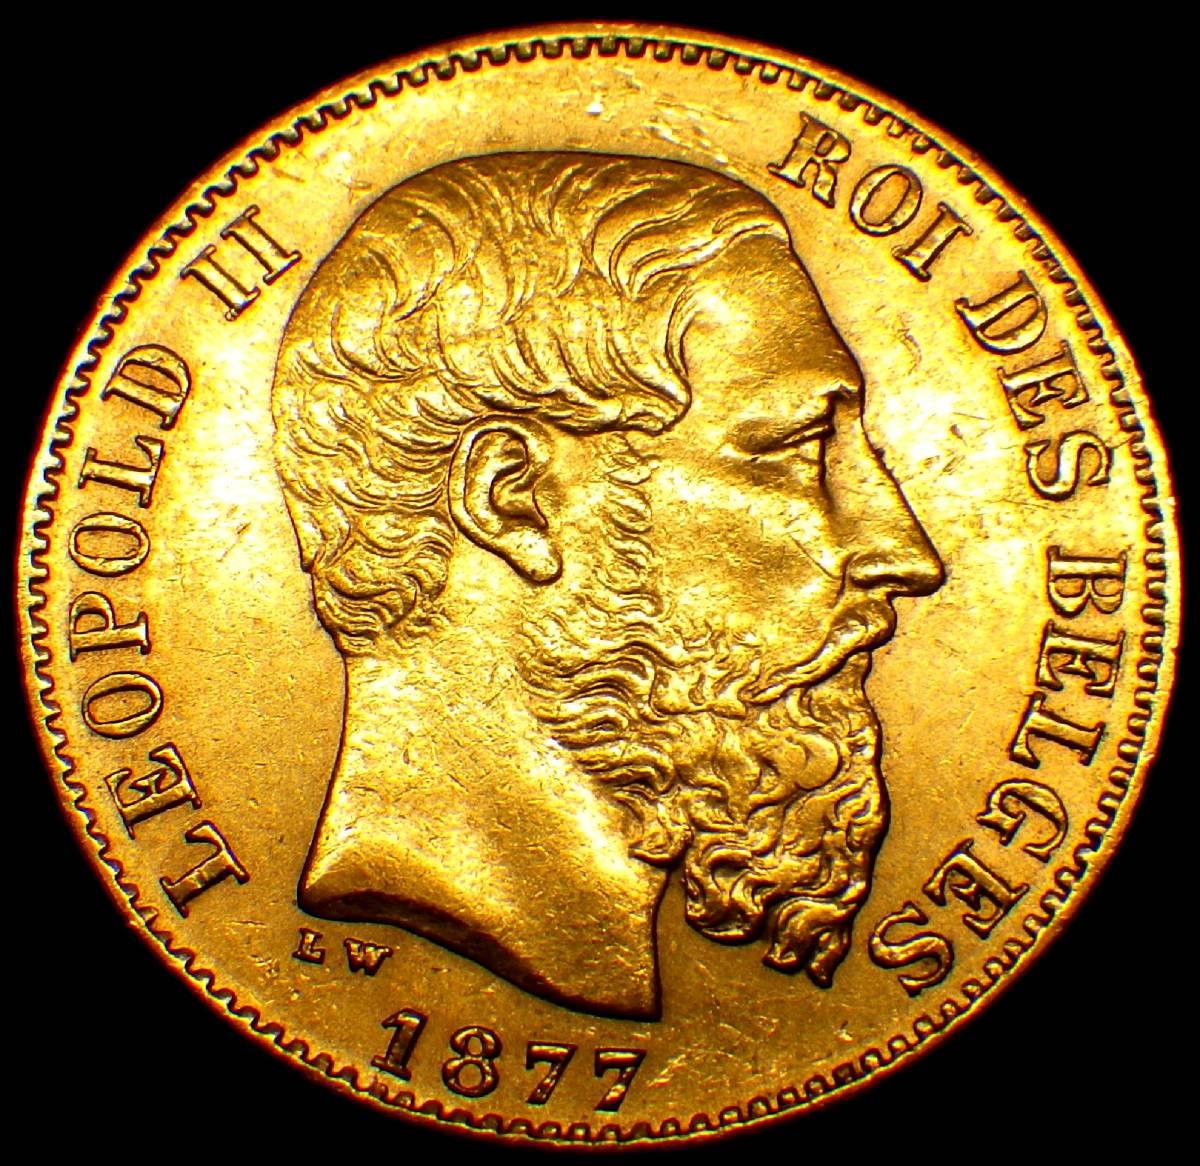 1877年 ベルギー 20フラン金貨 レオポルト2世_画像2